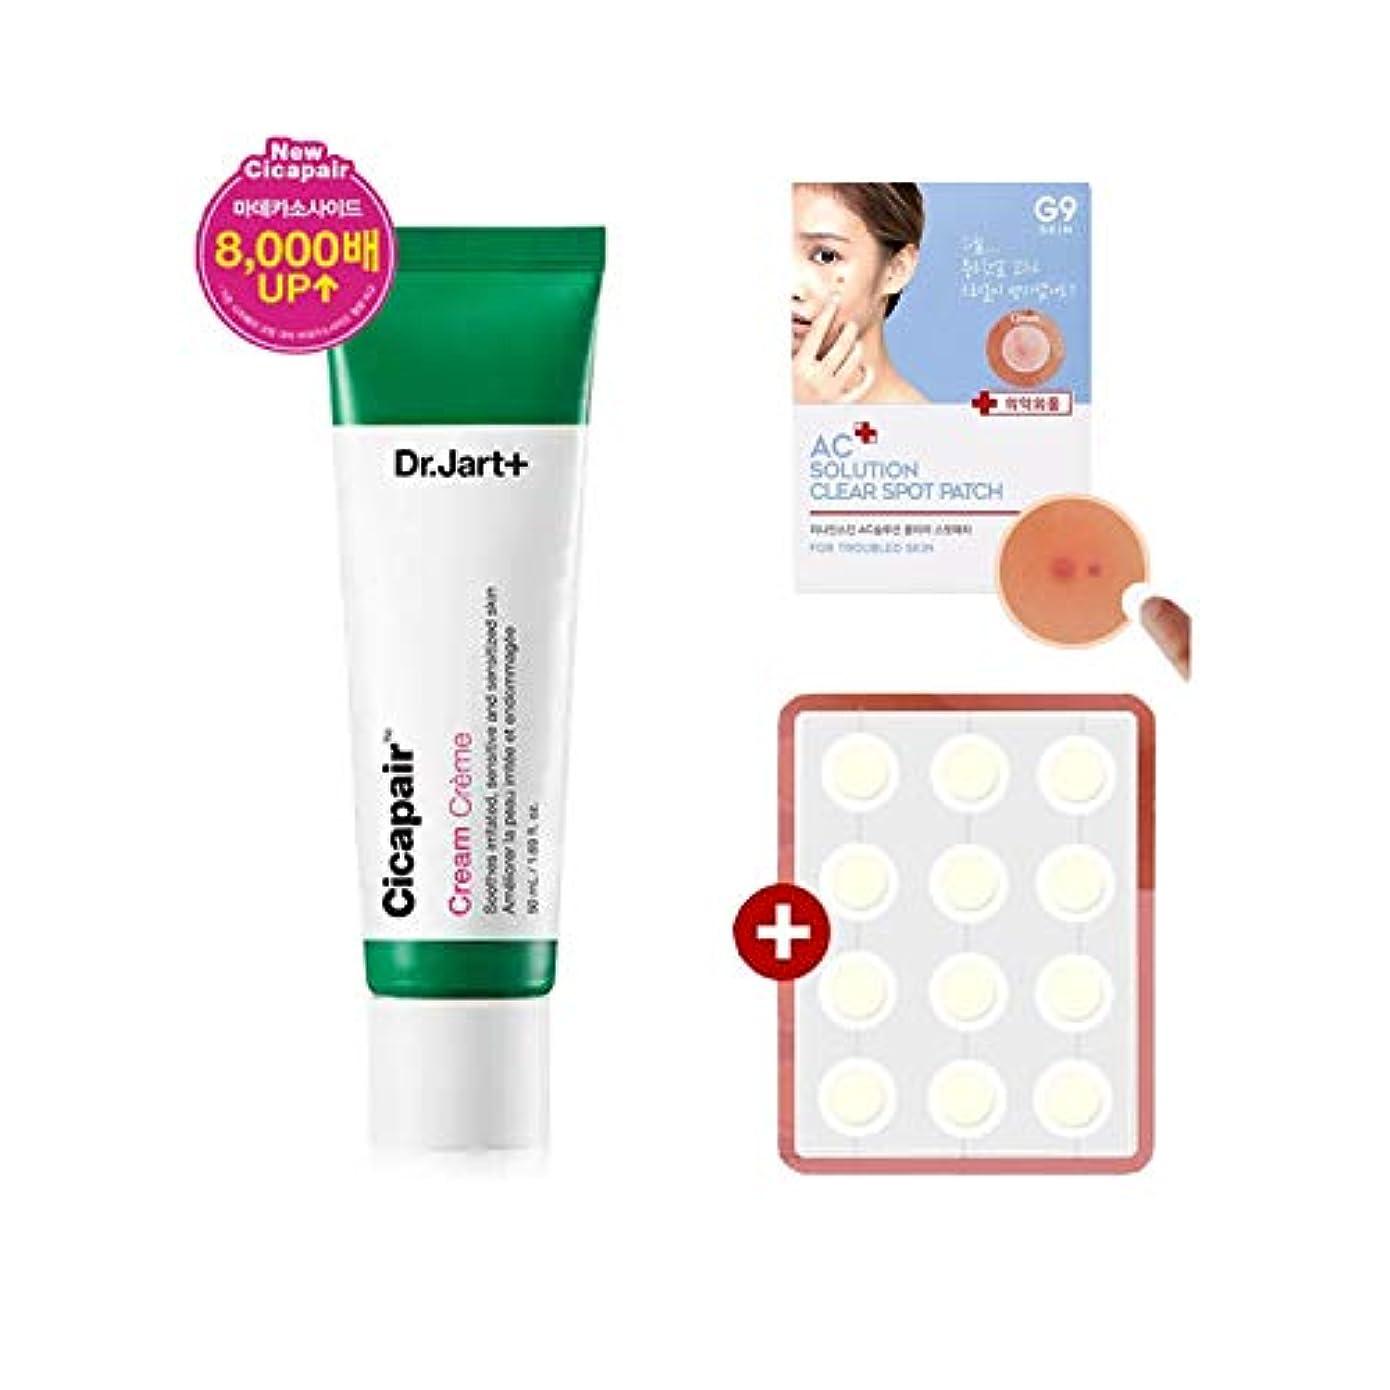 ワットプレミアム風景[リニューアル] Dr.Jart Cicapair Cream クリーム50ml(2代目)+ G9SKIN ACソリューションクリアパッチ 12枚 [並行輸入品]